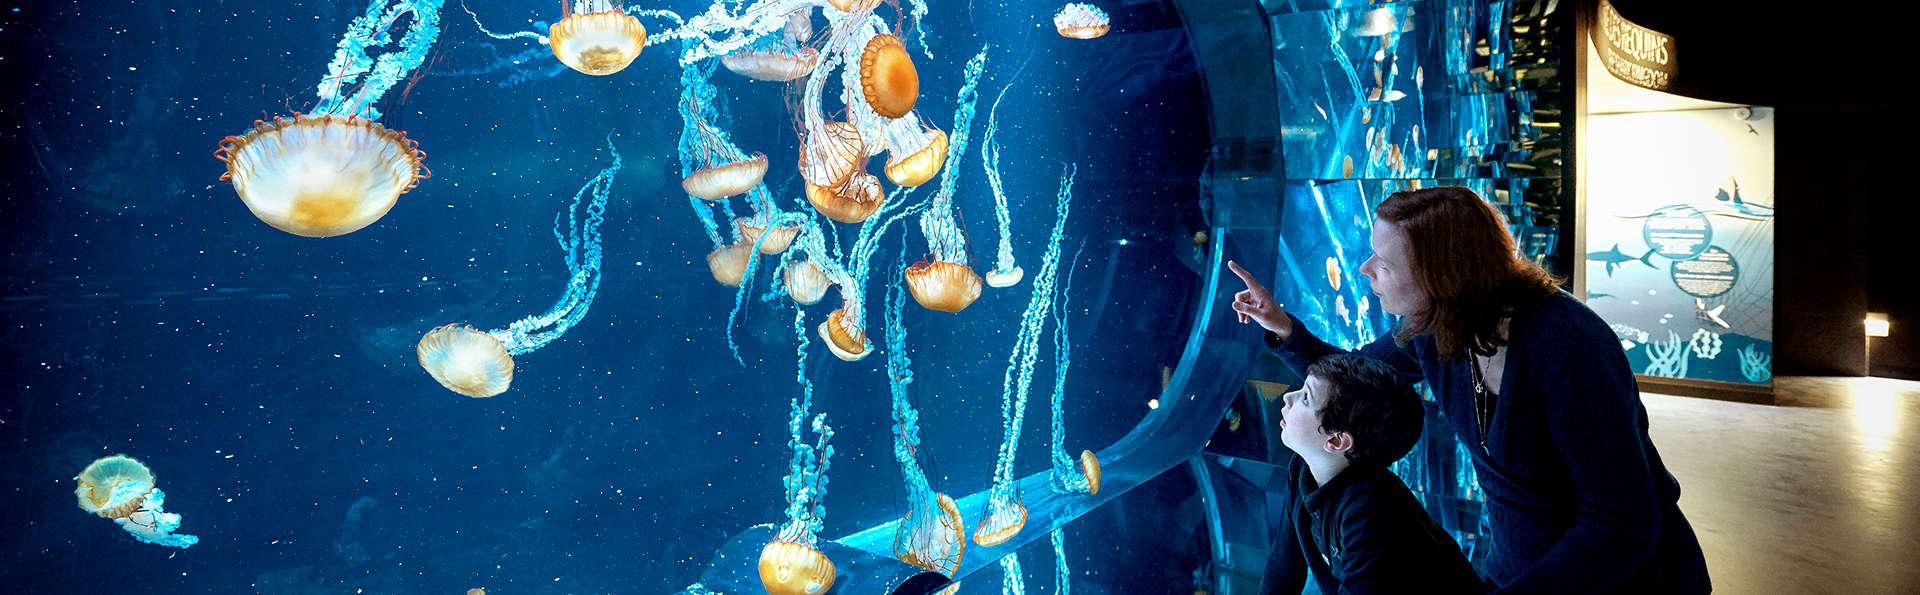 Escapade découverte sur la Côte d'Opale avec entrée à l'Aquarium Nausicaa